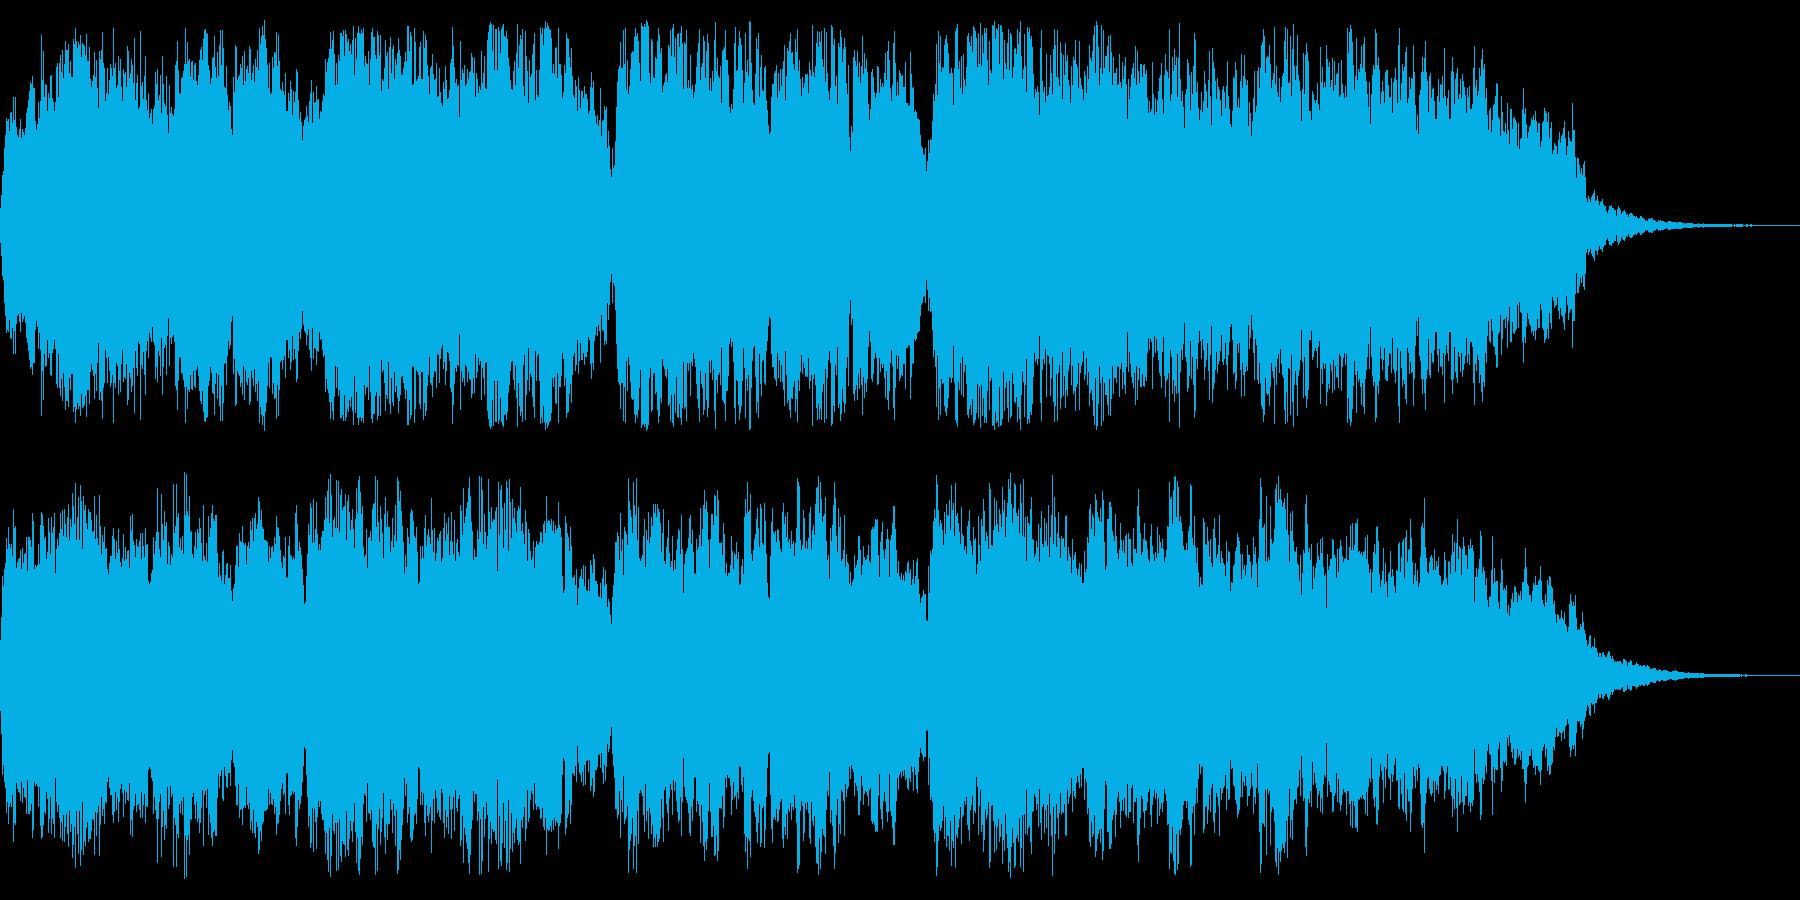 クリスマスをイメージした20秒ジングルの再生済みの波形